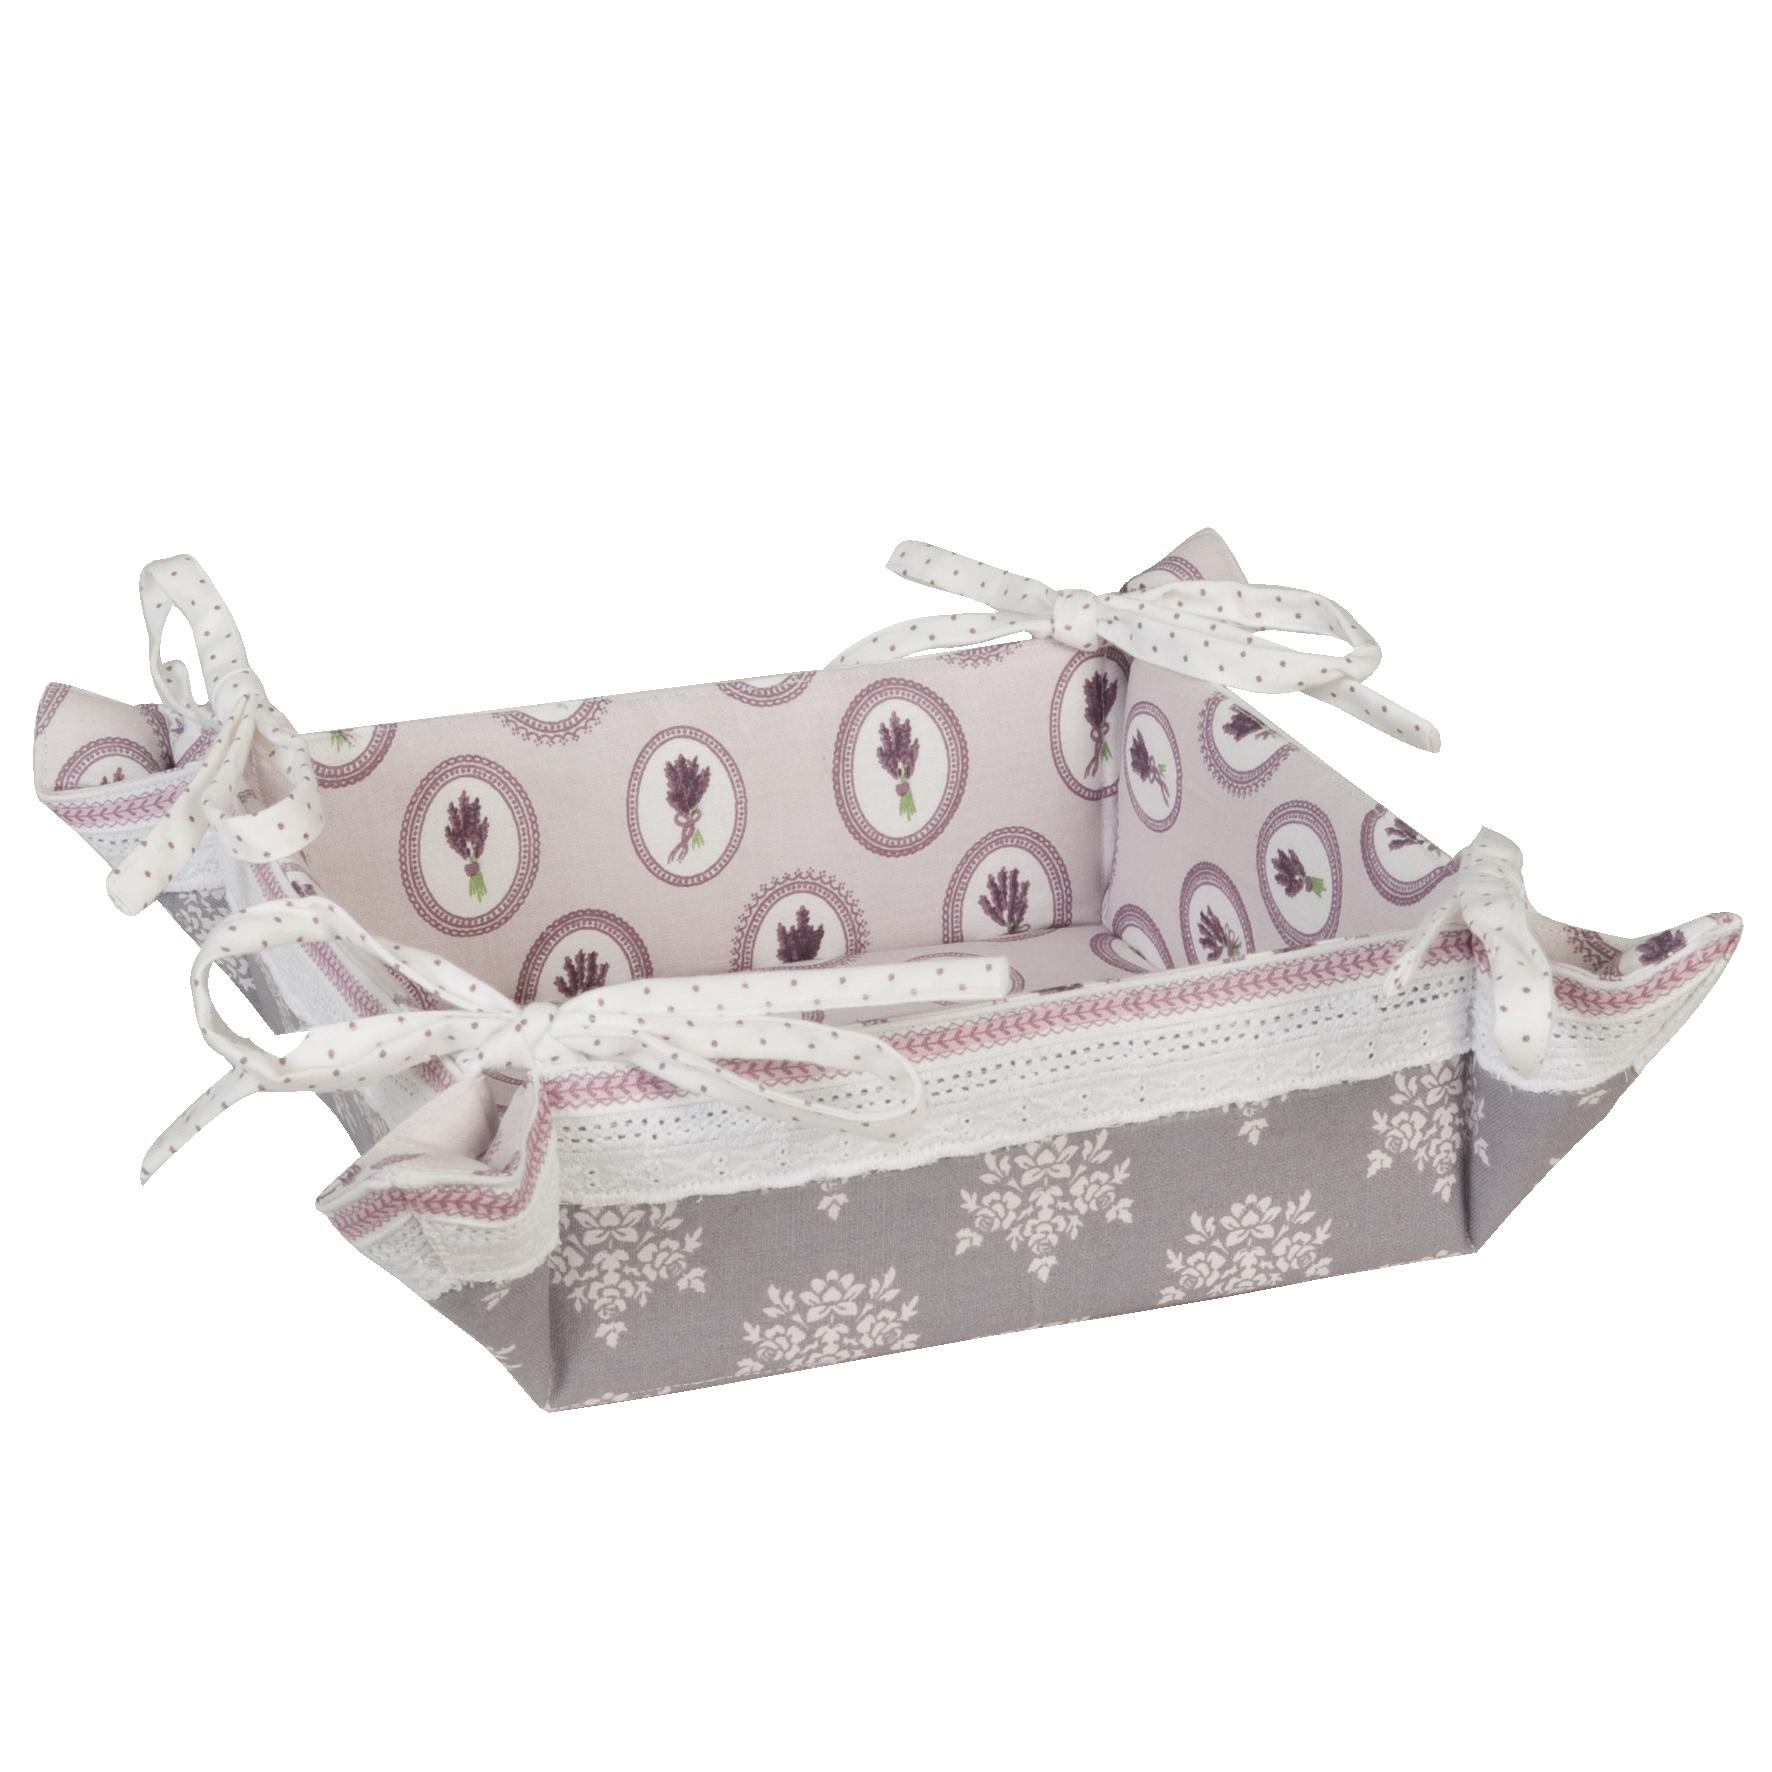 Mediterrane Wohnaccessoires hochwertiges dekoratives brotkörbchen mit wendemuster clayre